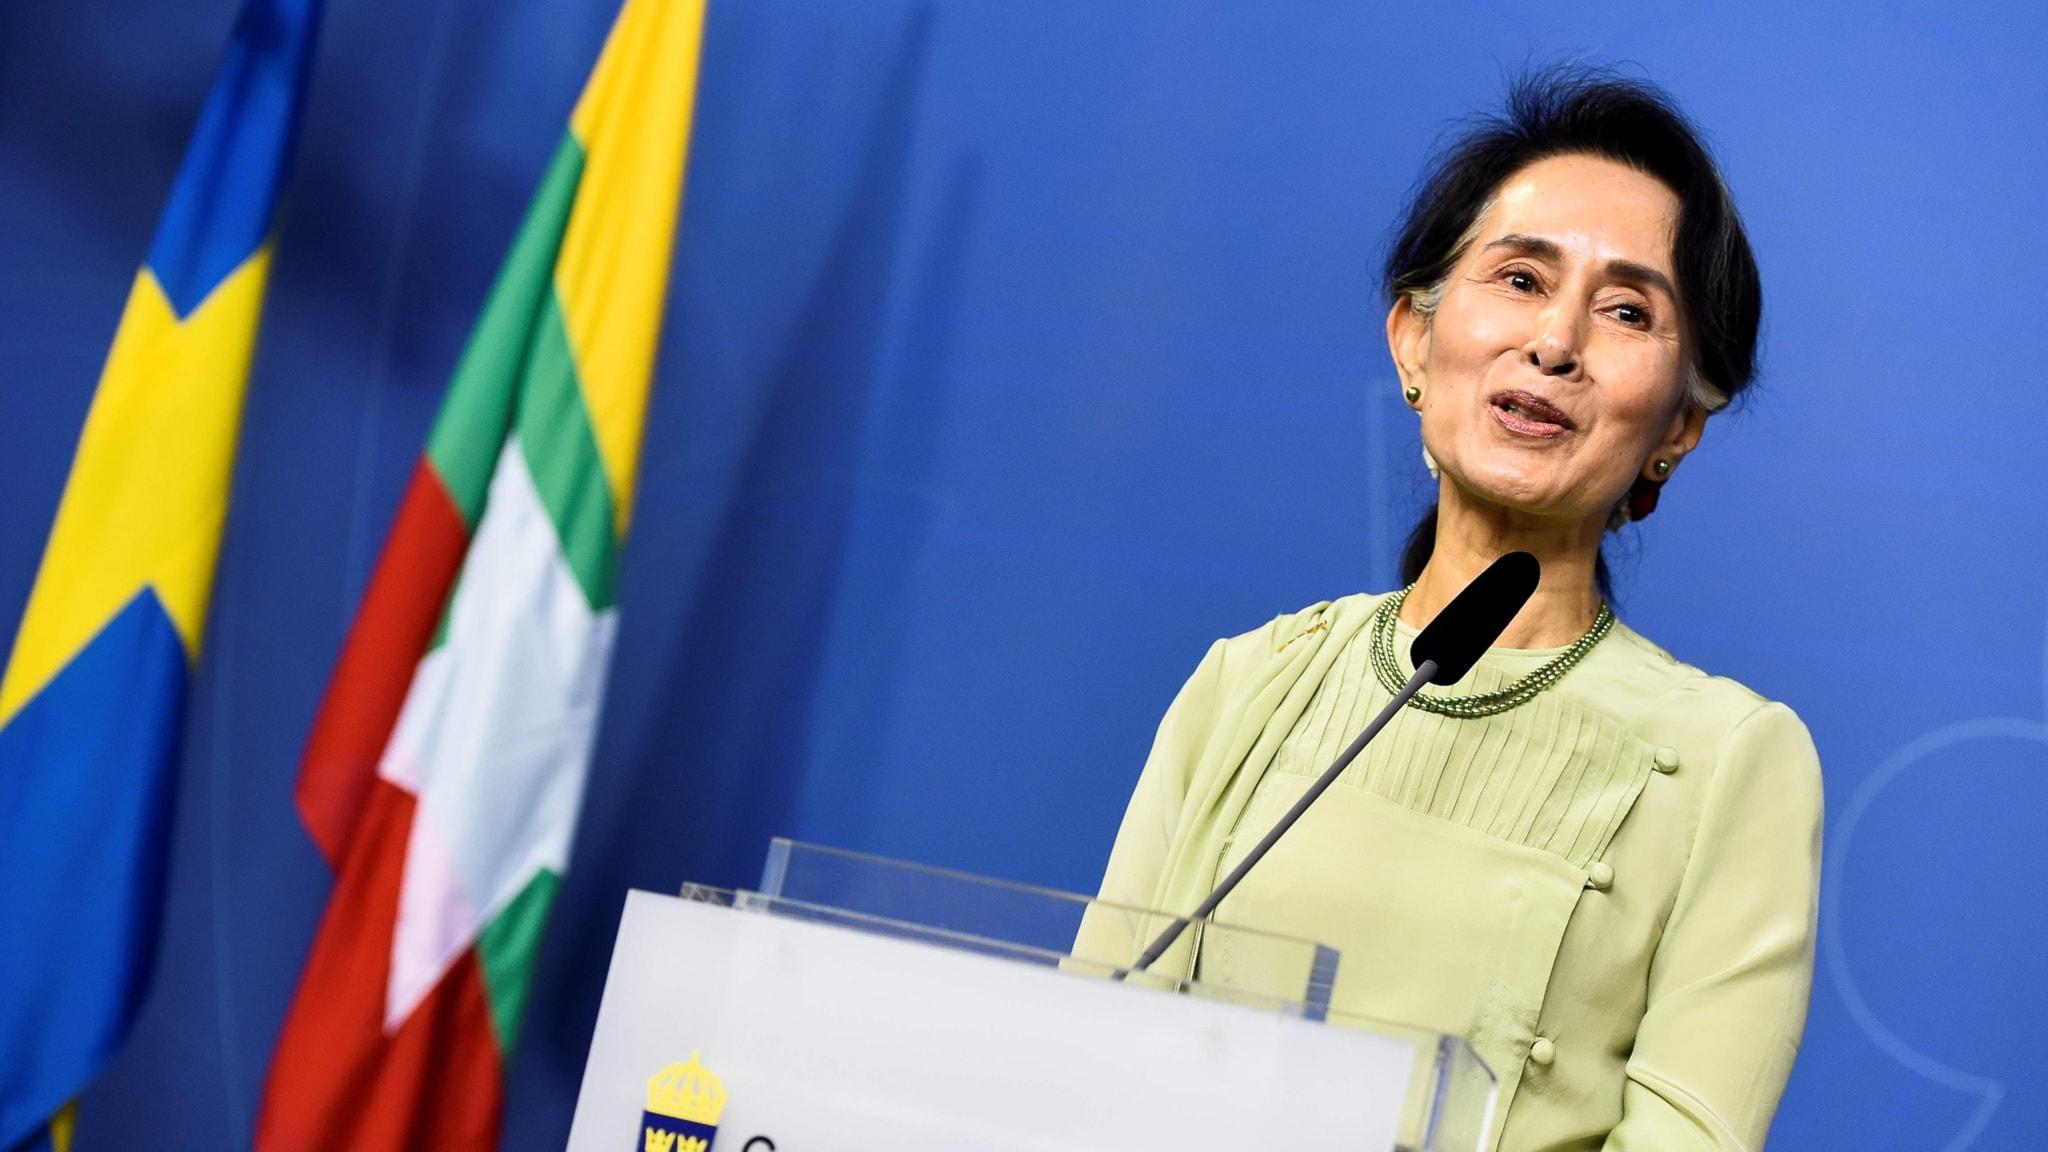 Från fredspris till flyktingkris i Burma och råd till ön Guam som hotas av Nordkorea